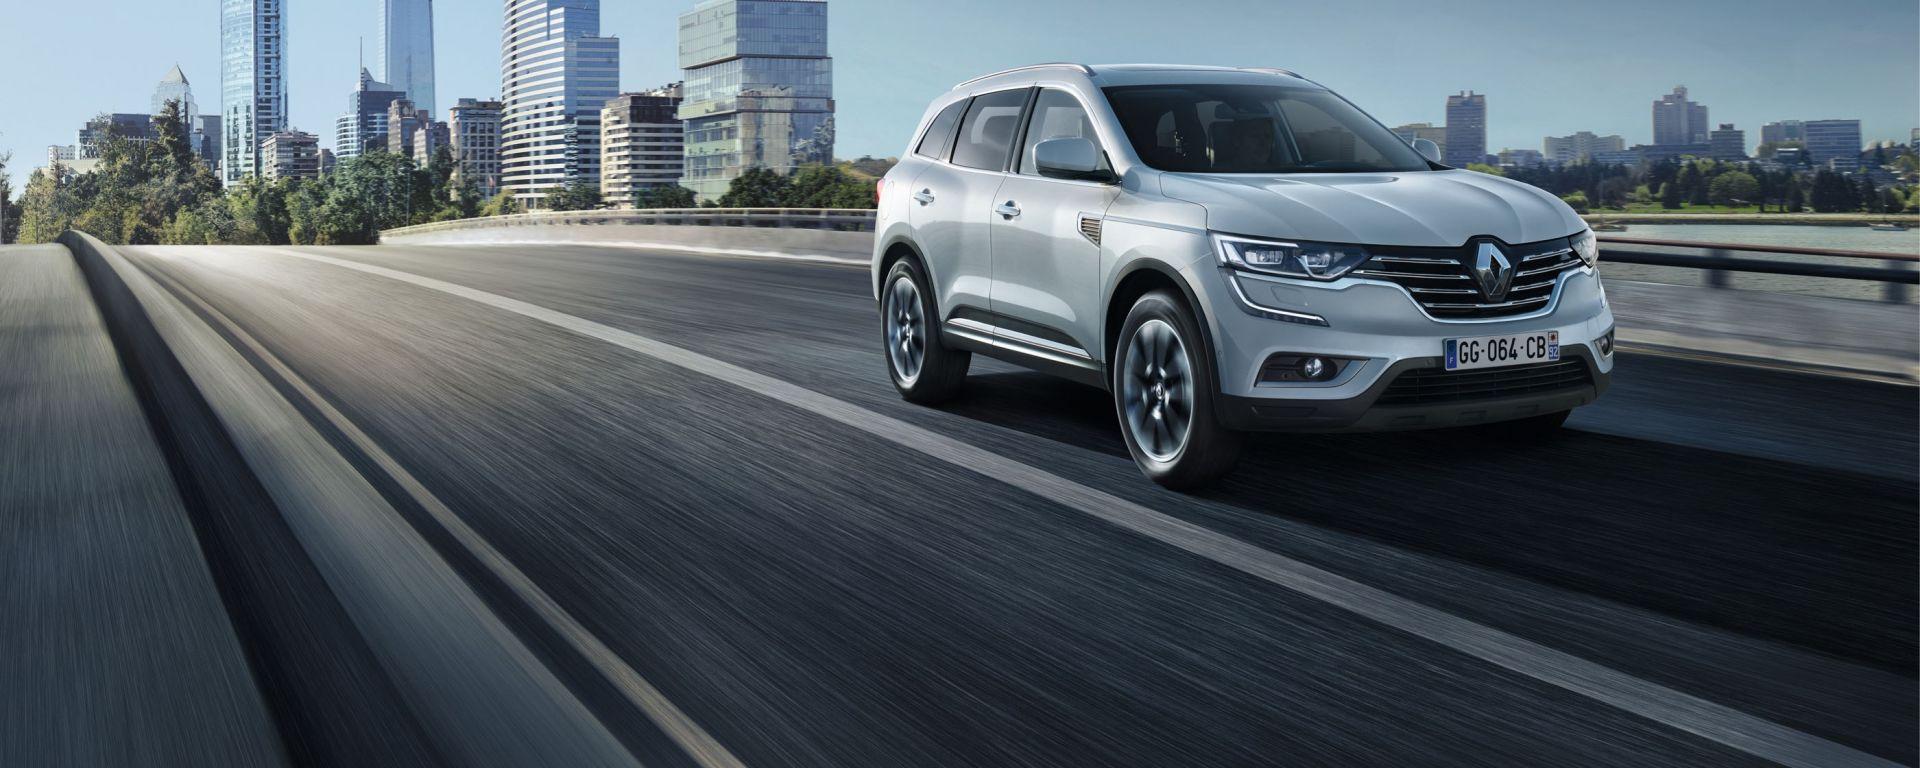 Renault porterà a Parigi un'inedita concept e, per la prima volta in Europa, la nuova Koleos